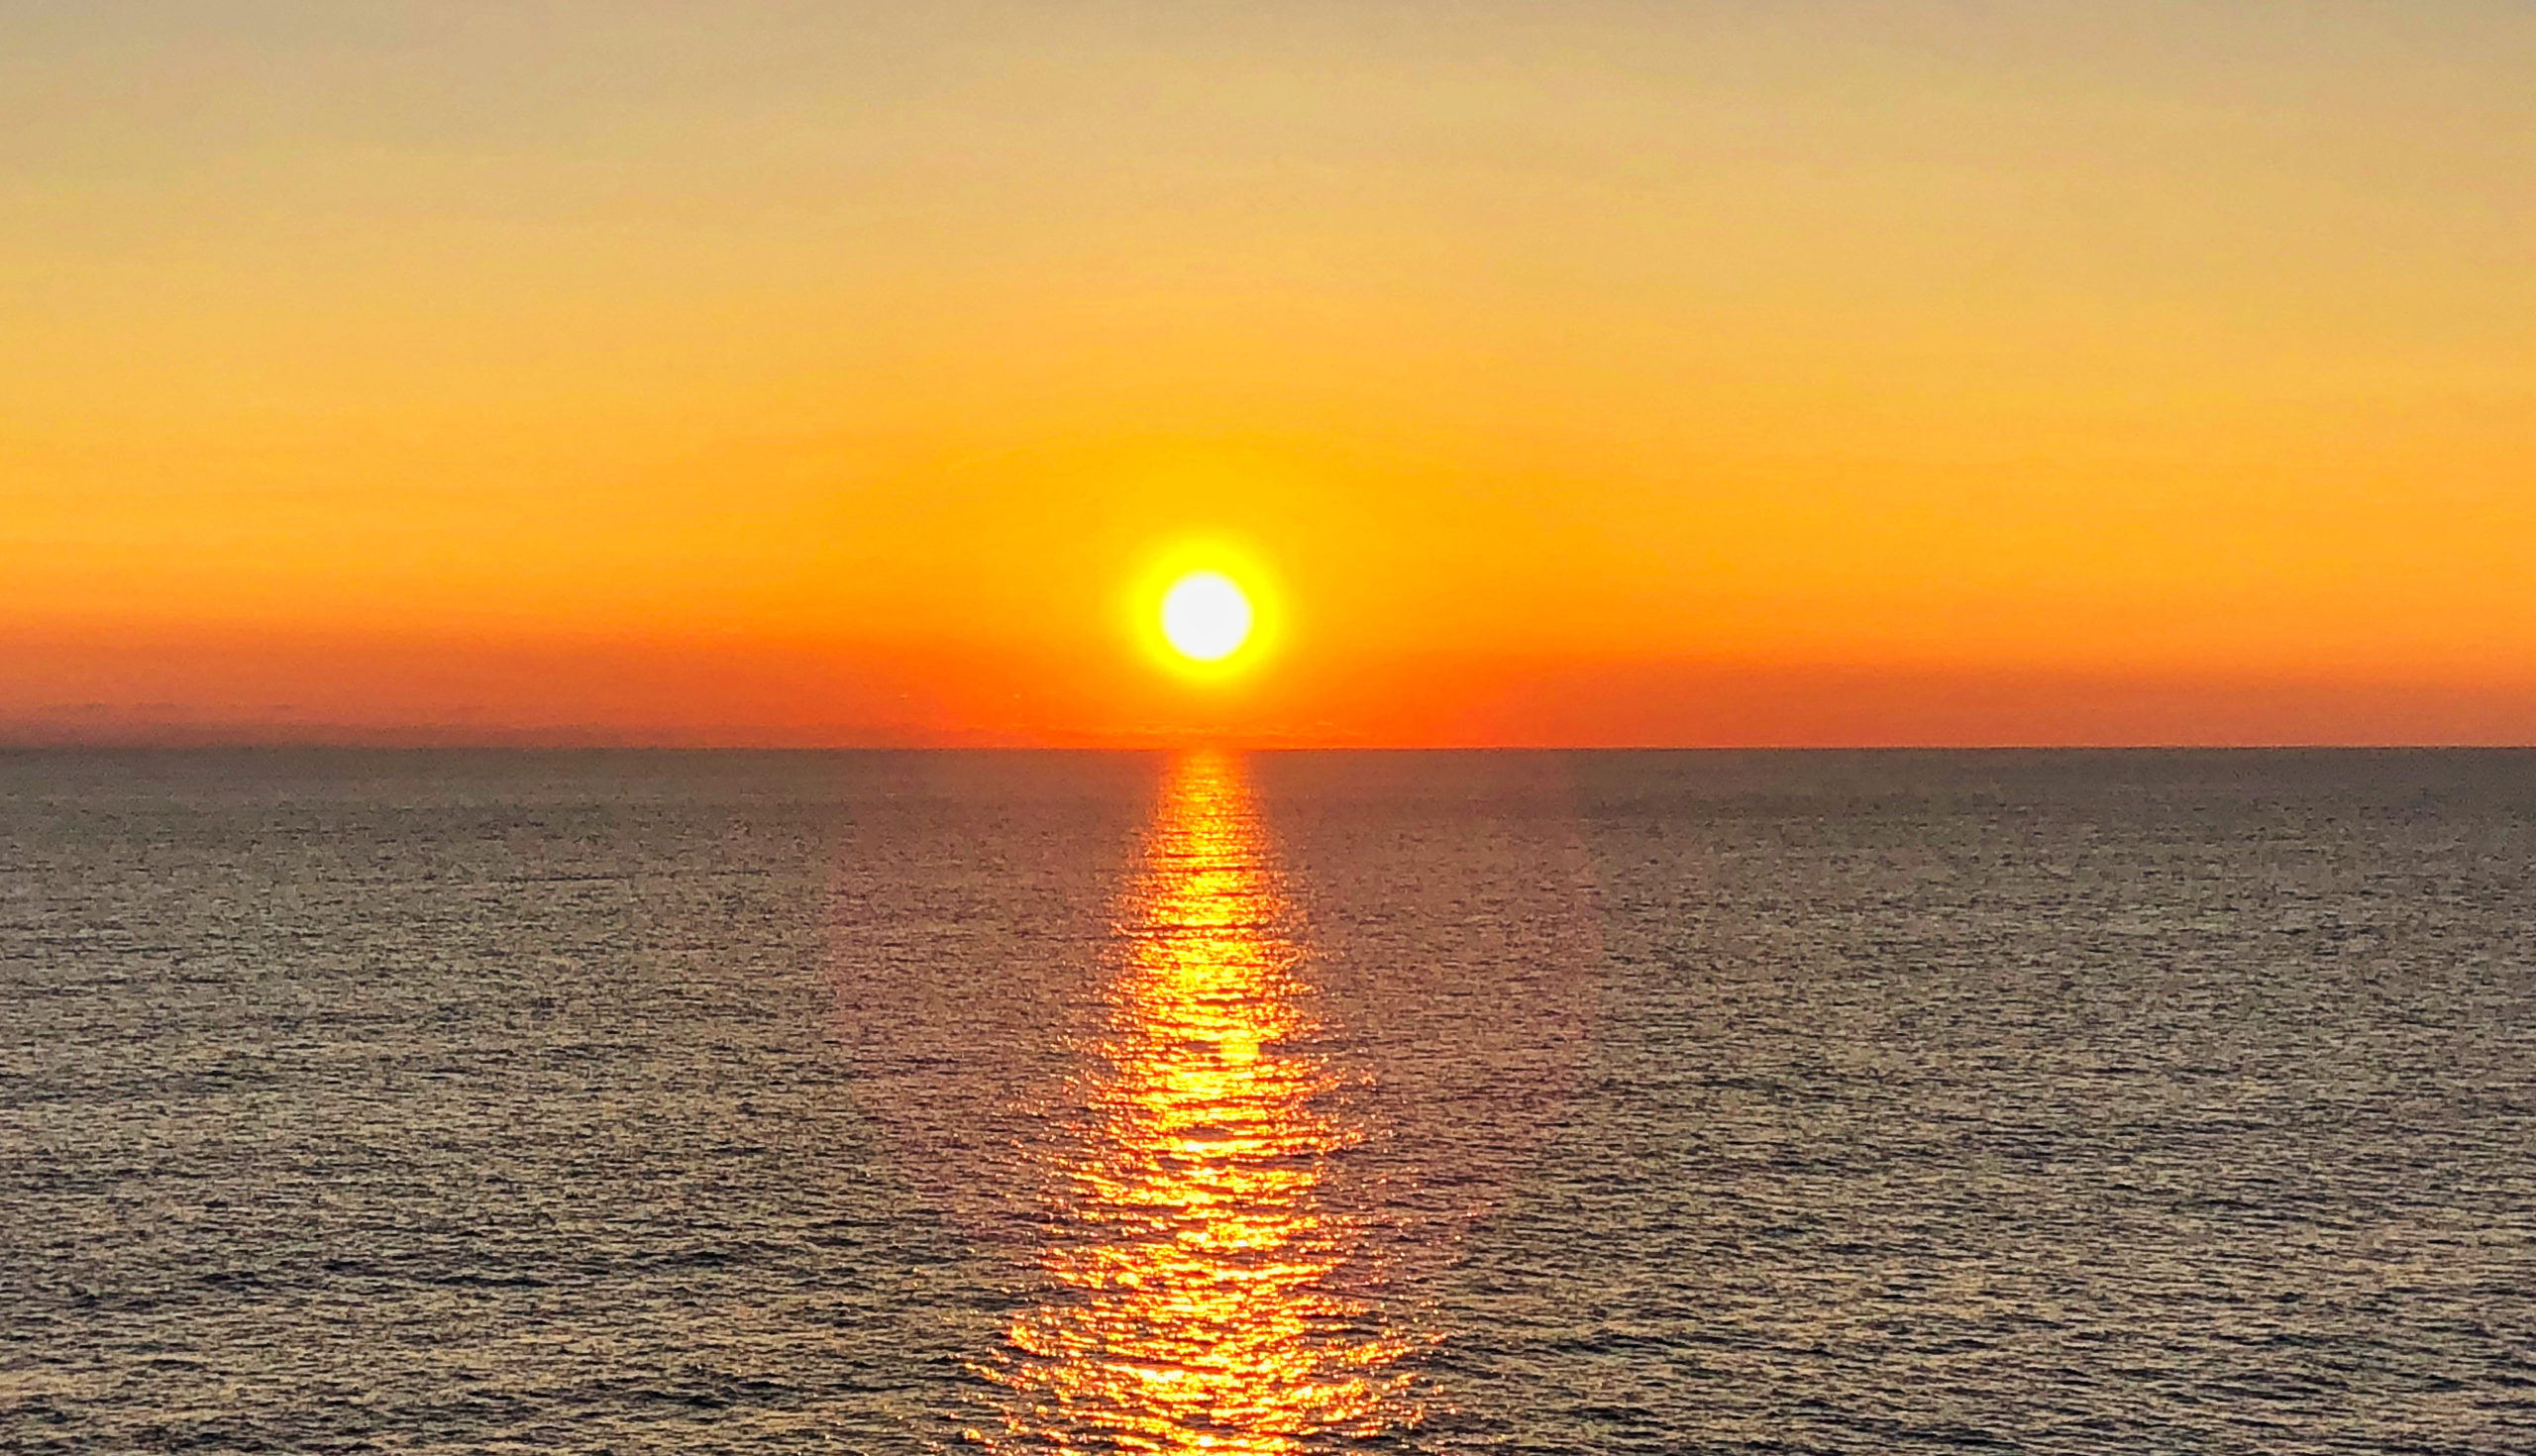 Sonnenuntergang auf der Fähre von Rosslare (IRL) nach Roscoff (F)